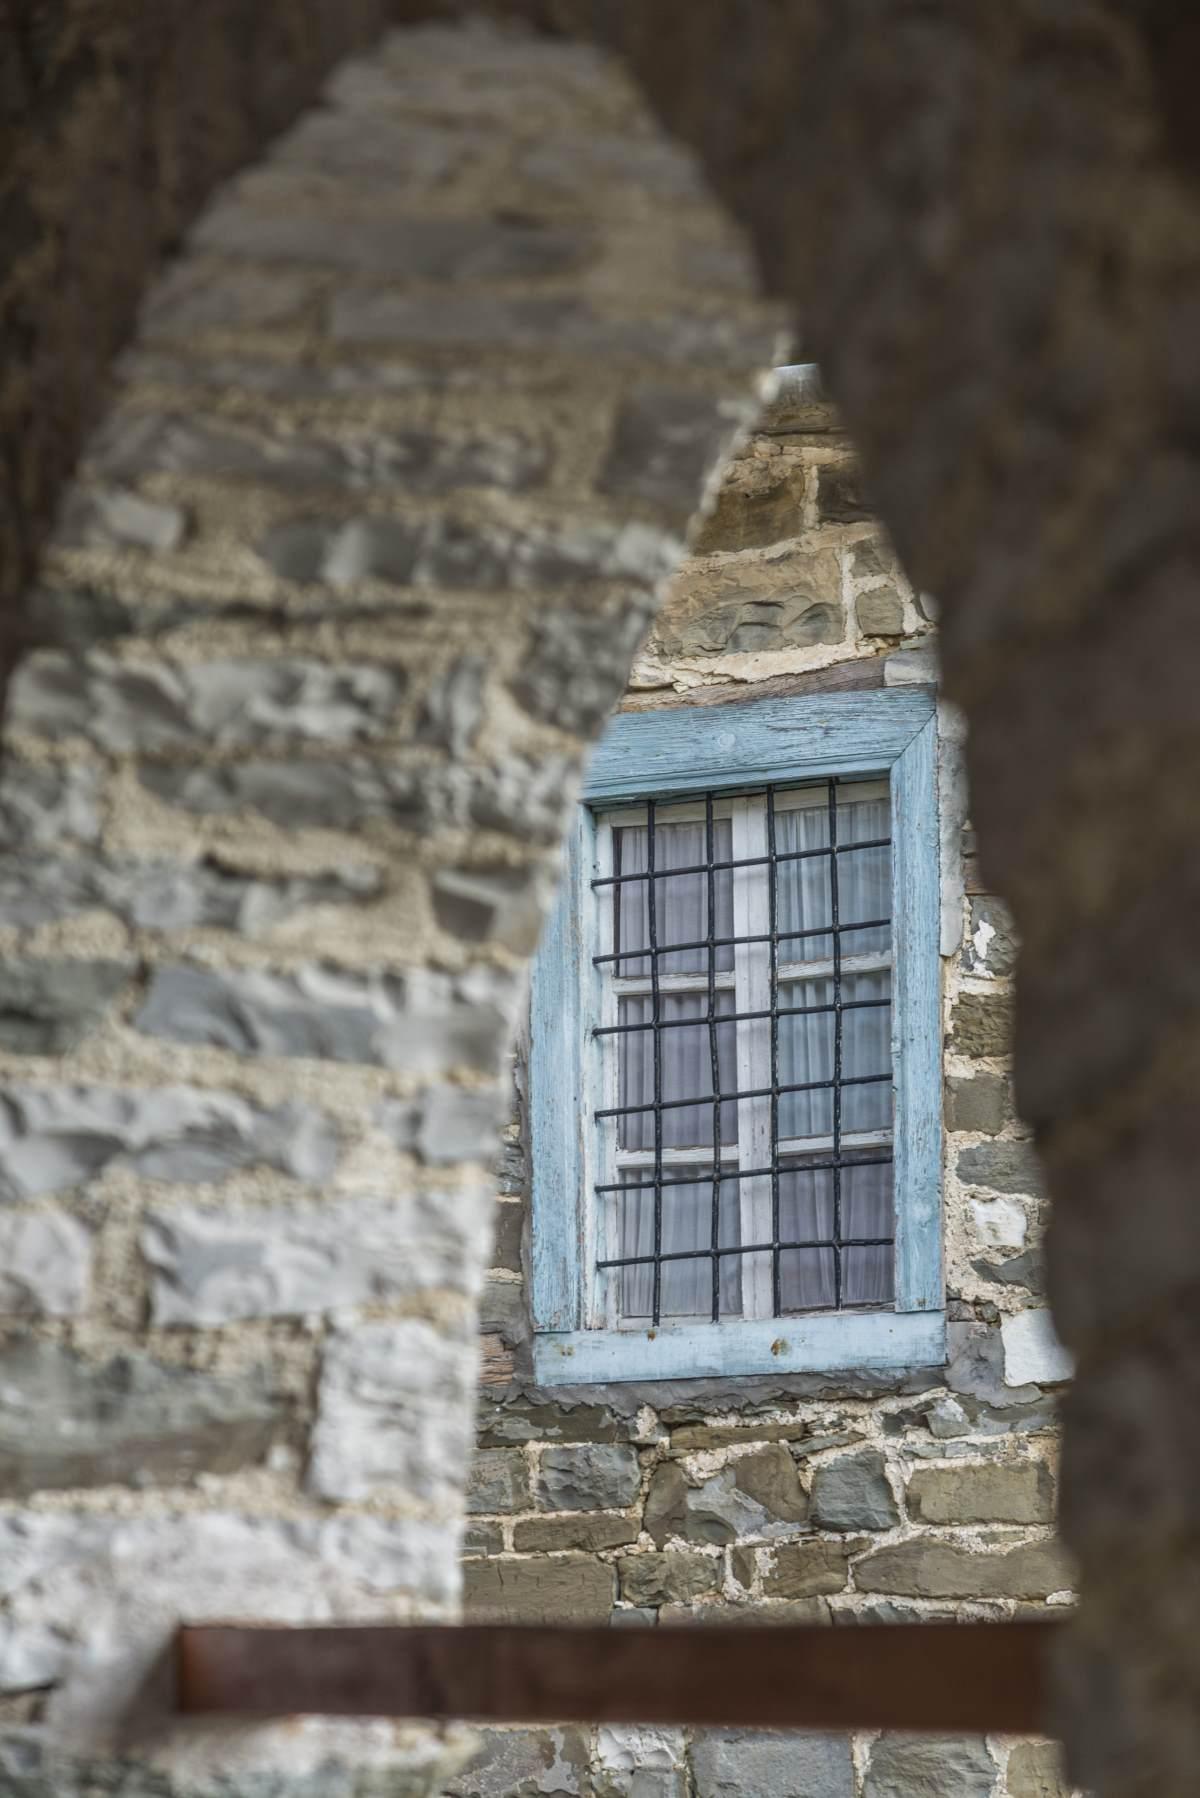 Παραθυρο σε πέτρινο κτήριο, Τσεπέλοβο